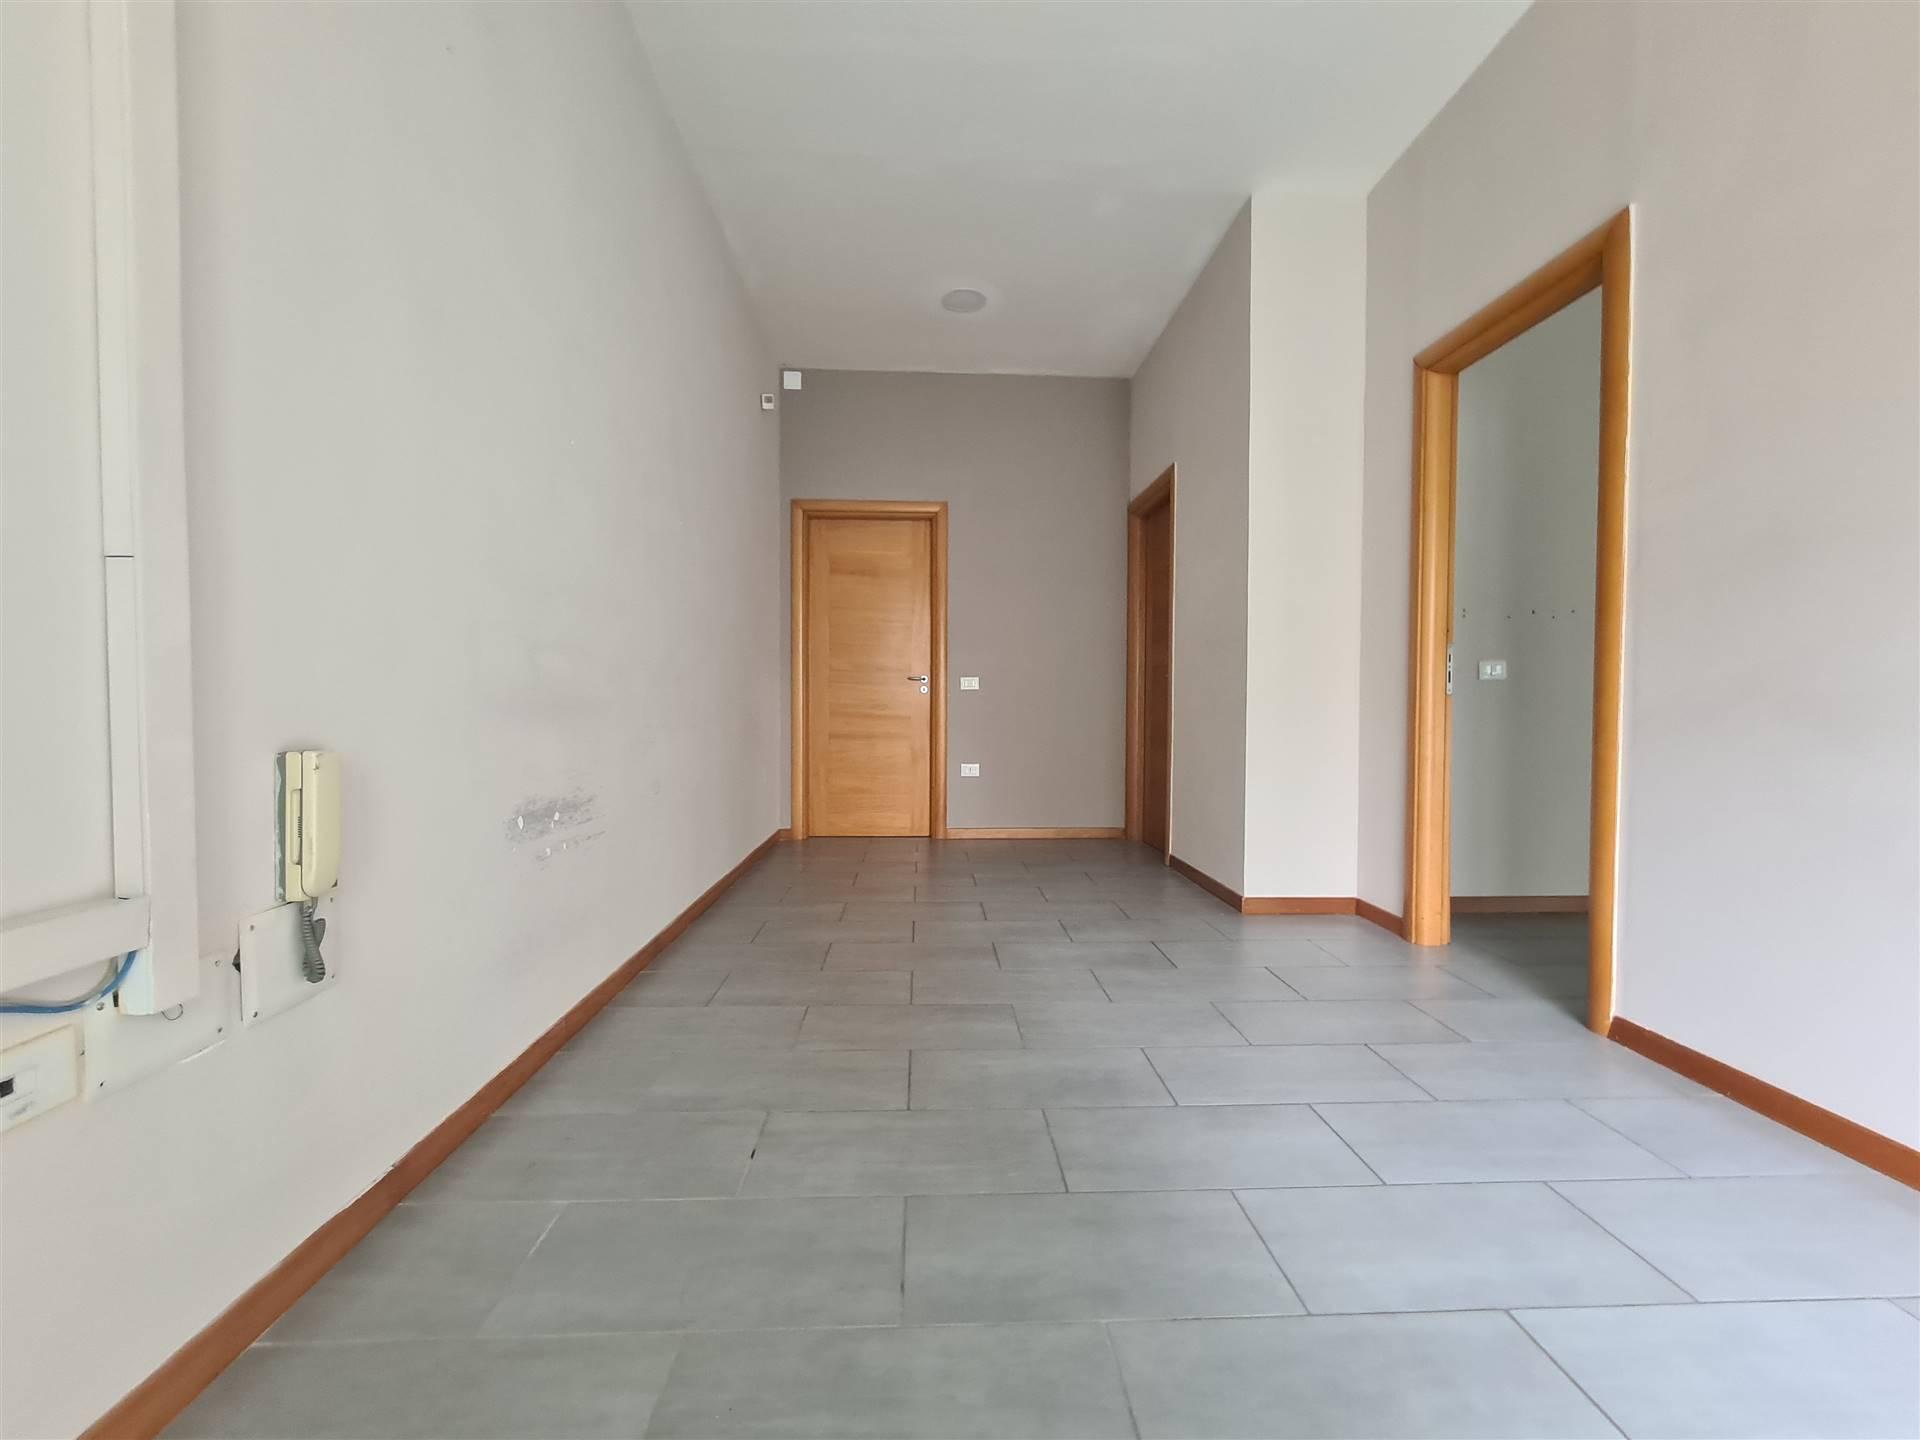 UF410B-Ufficio-SANTA-MARIA-CAPUA-VETERE-Via-Palmiro-Togliatti-